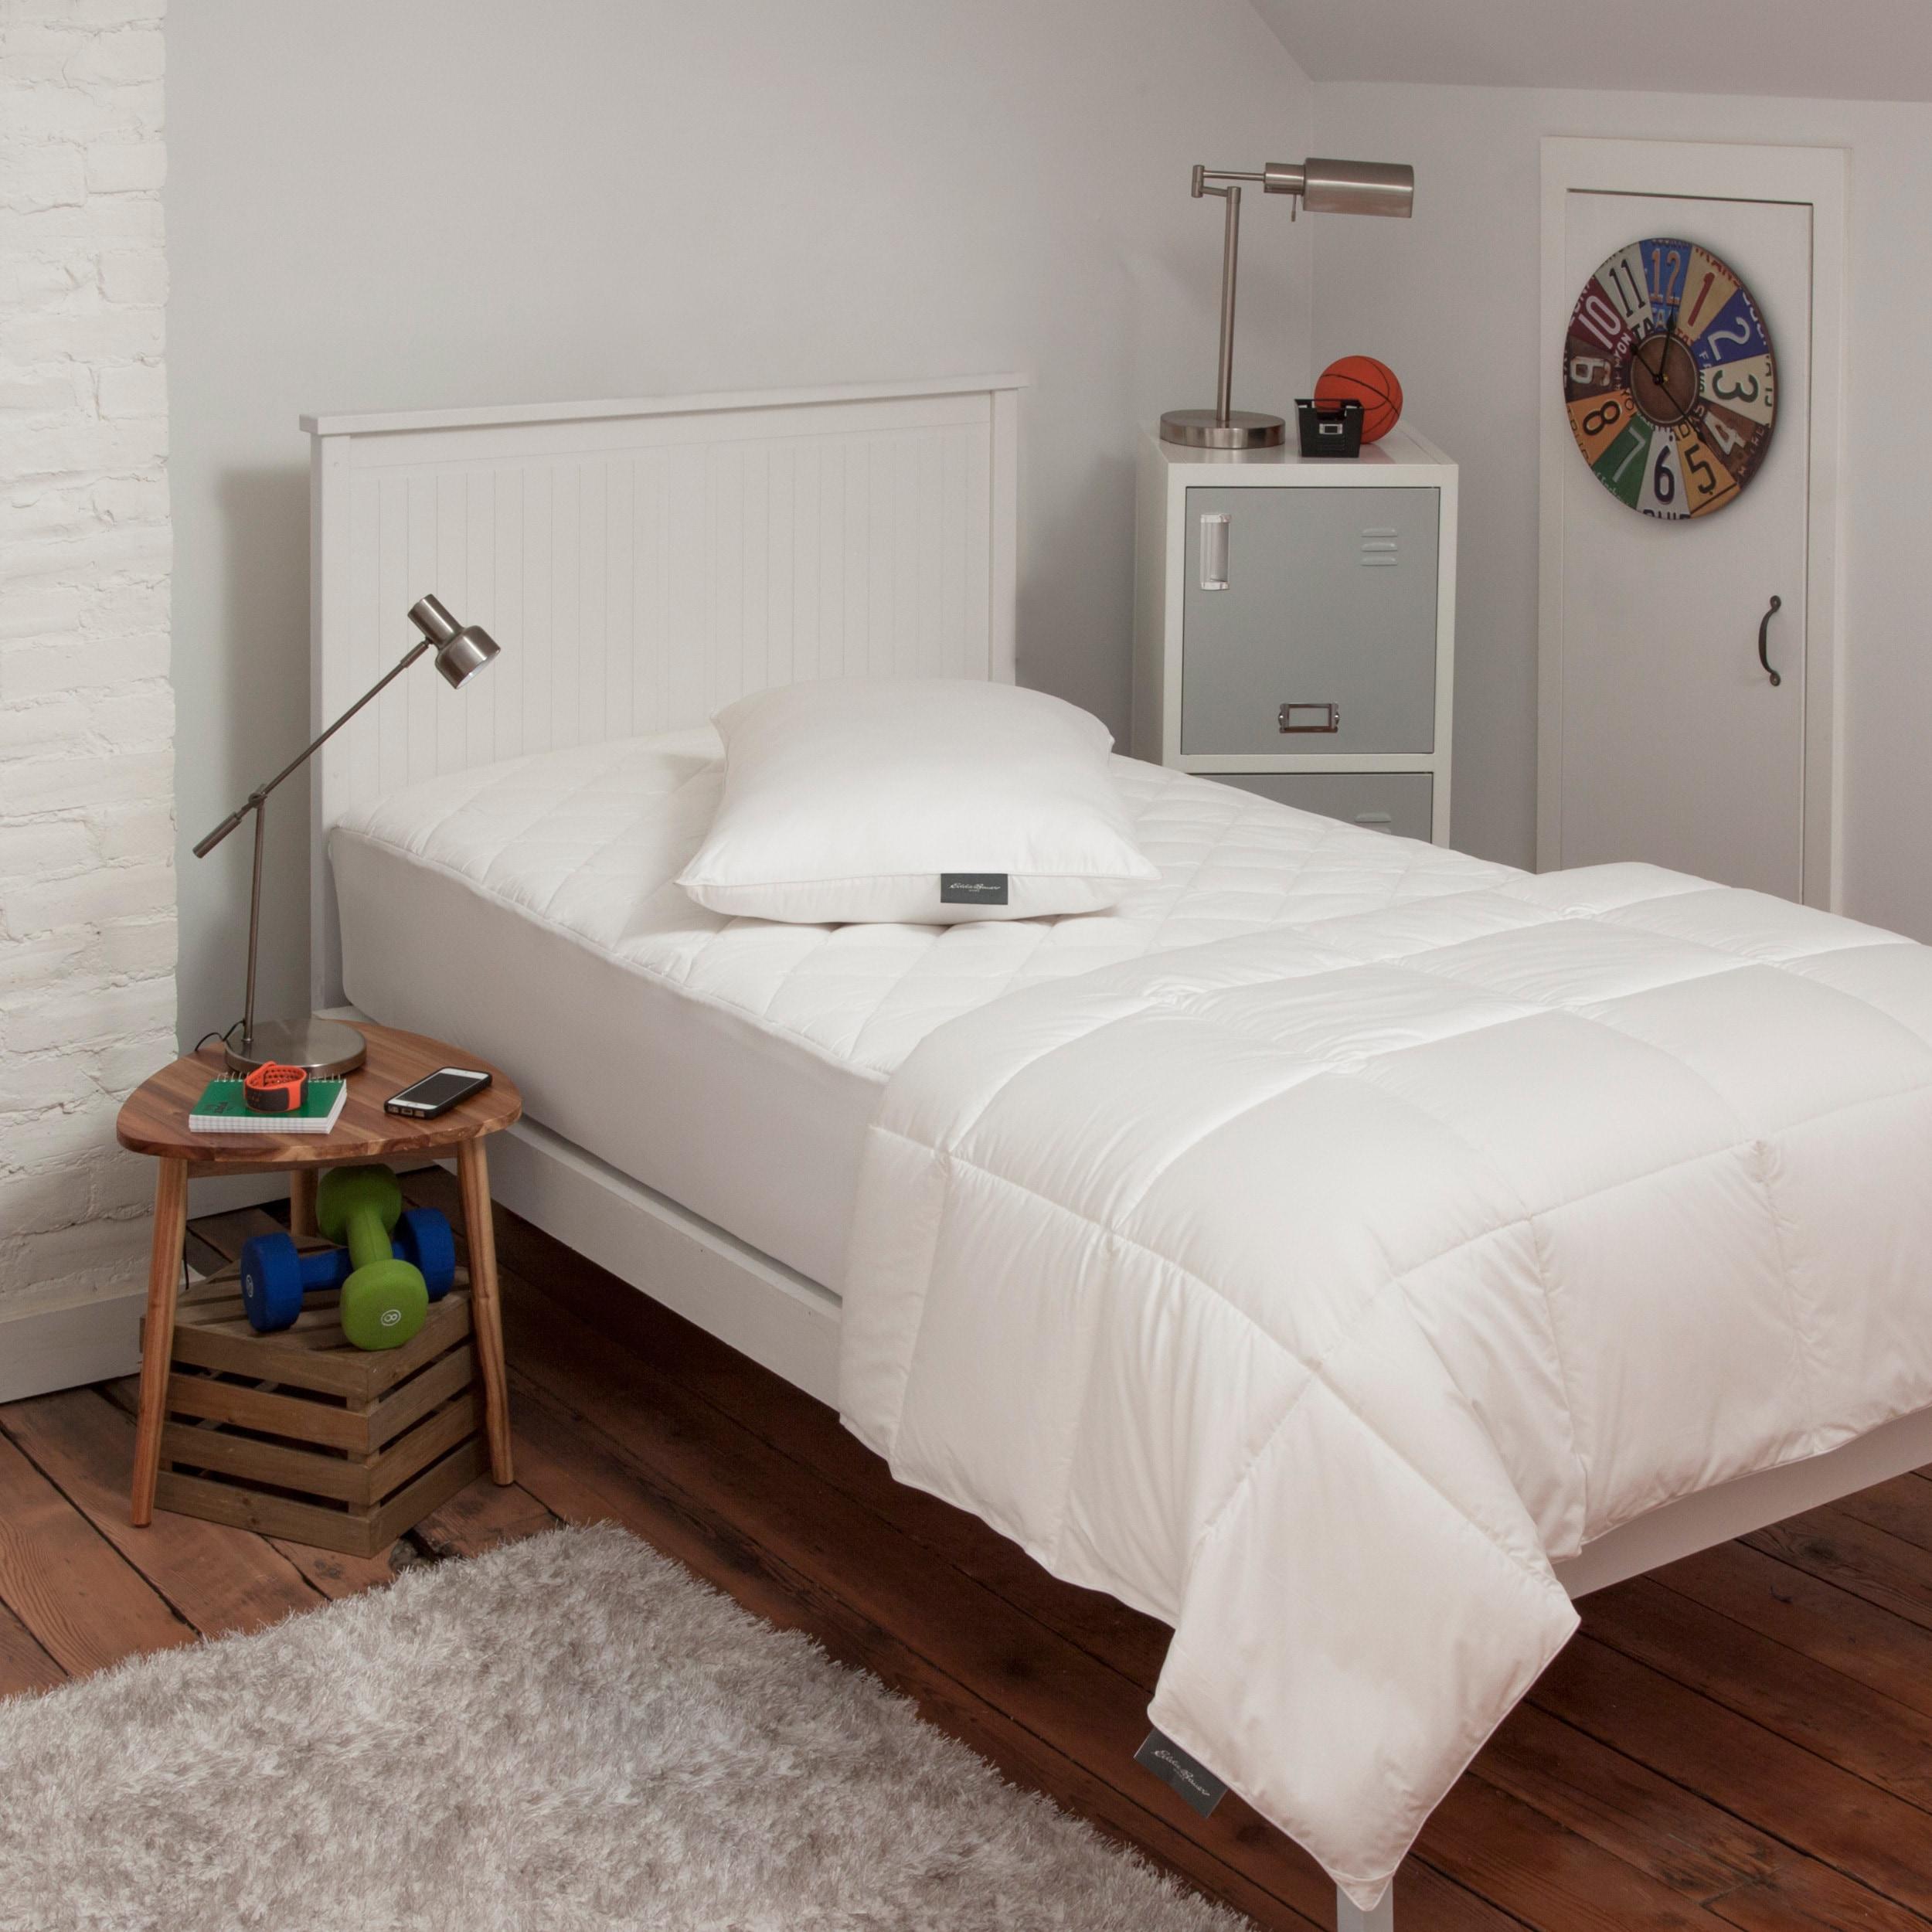 Eddie Bauer 3 Piece Dorm University Bedding Kit - Twin XL...